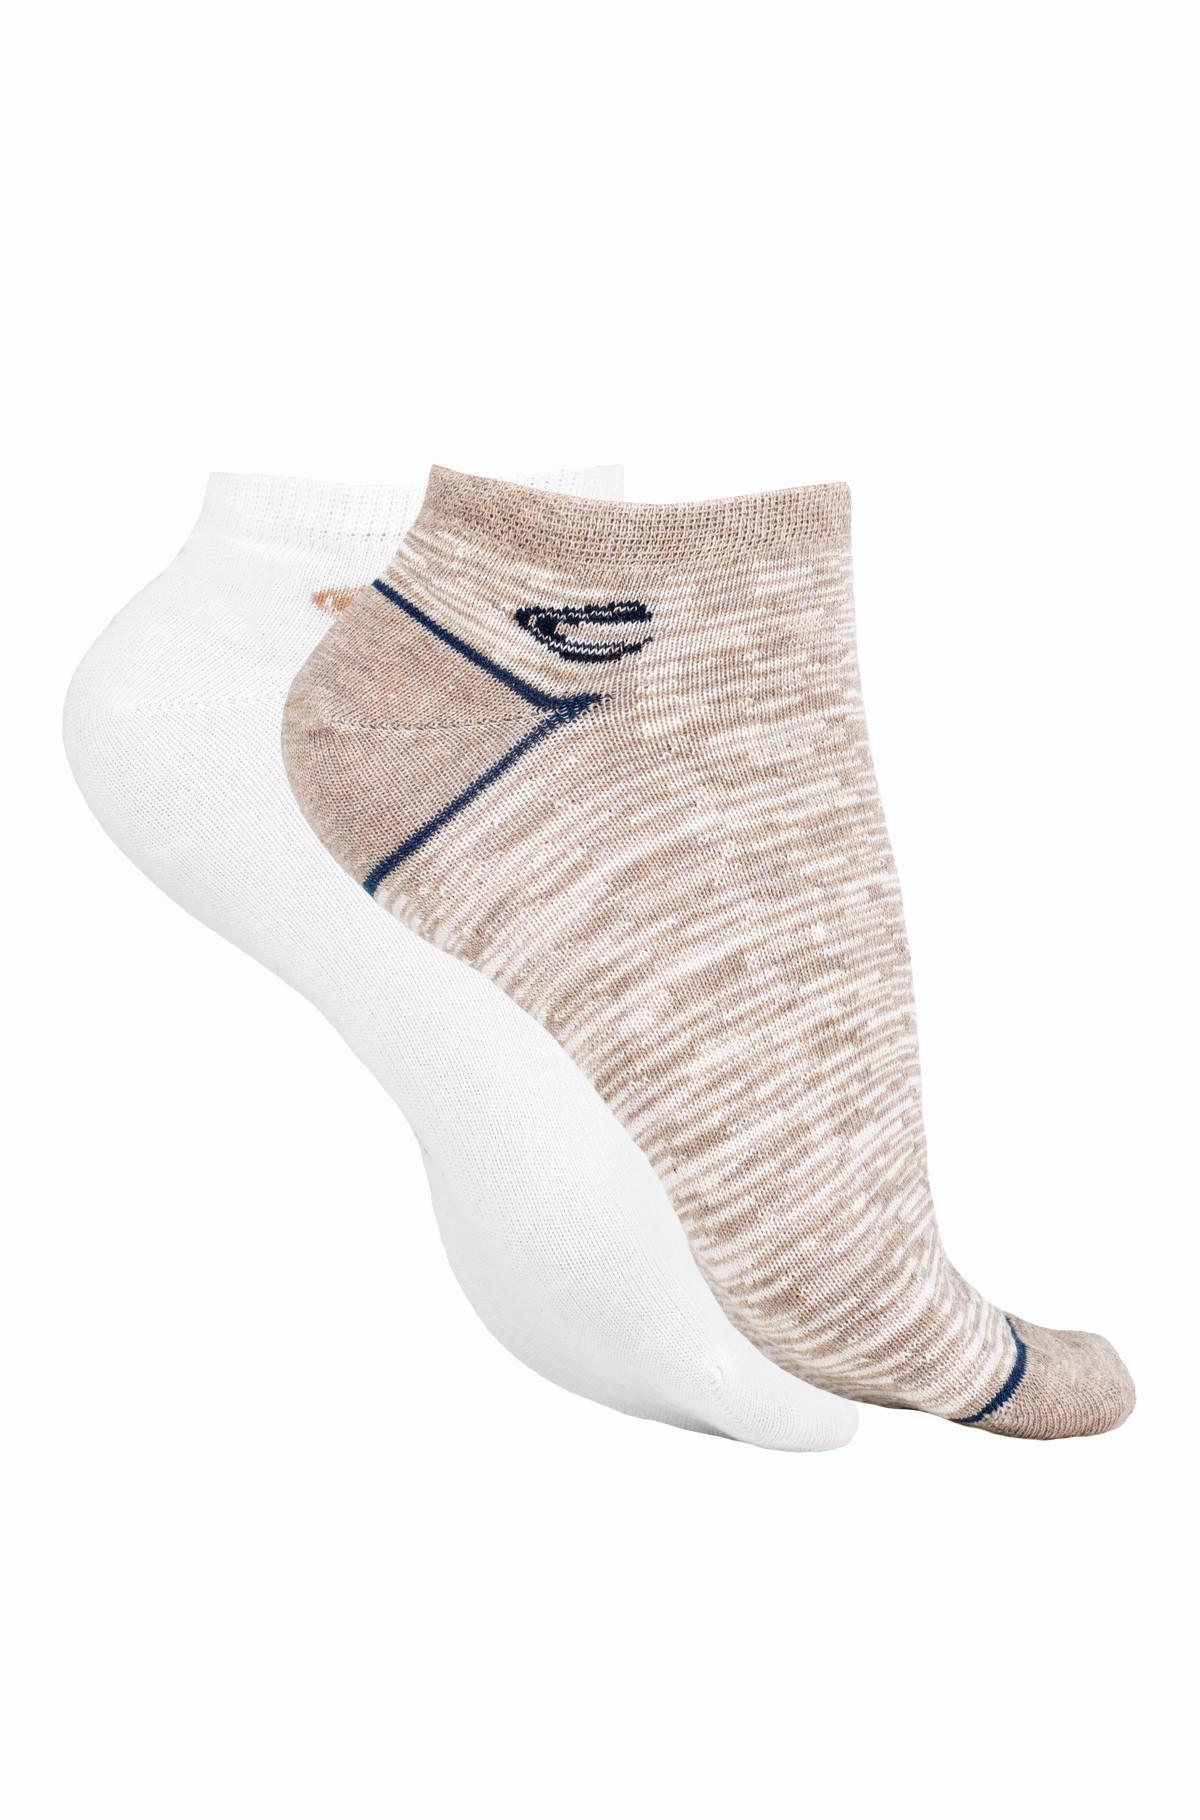 Socks 6209-full-1